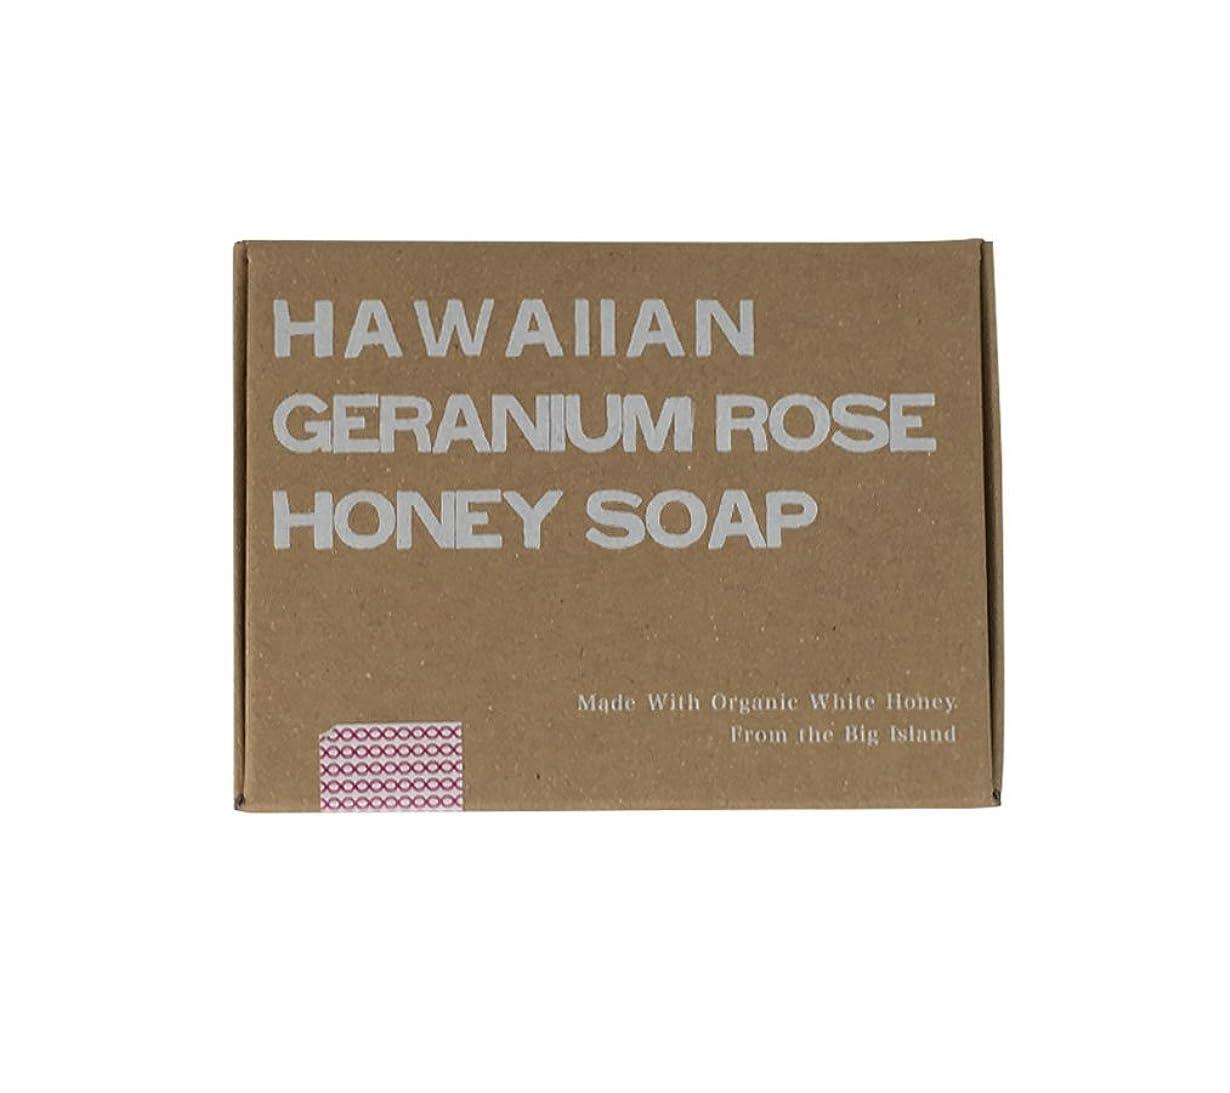 ゴールパトロールシンポジウムホワイトハニーオーガニクス ハワイアン?ゼラニウムローズ?ハニーソープ (Hawaiian Geranium Rose Honey Soap)